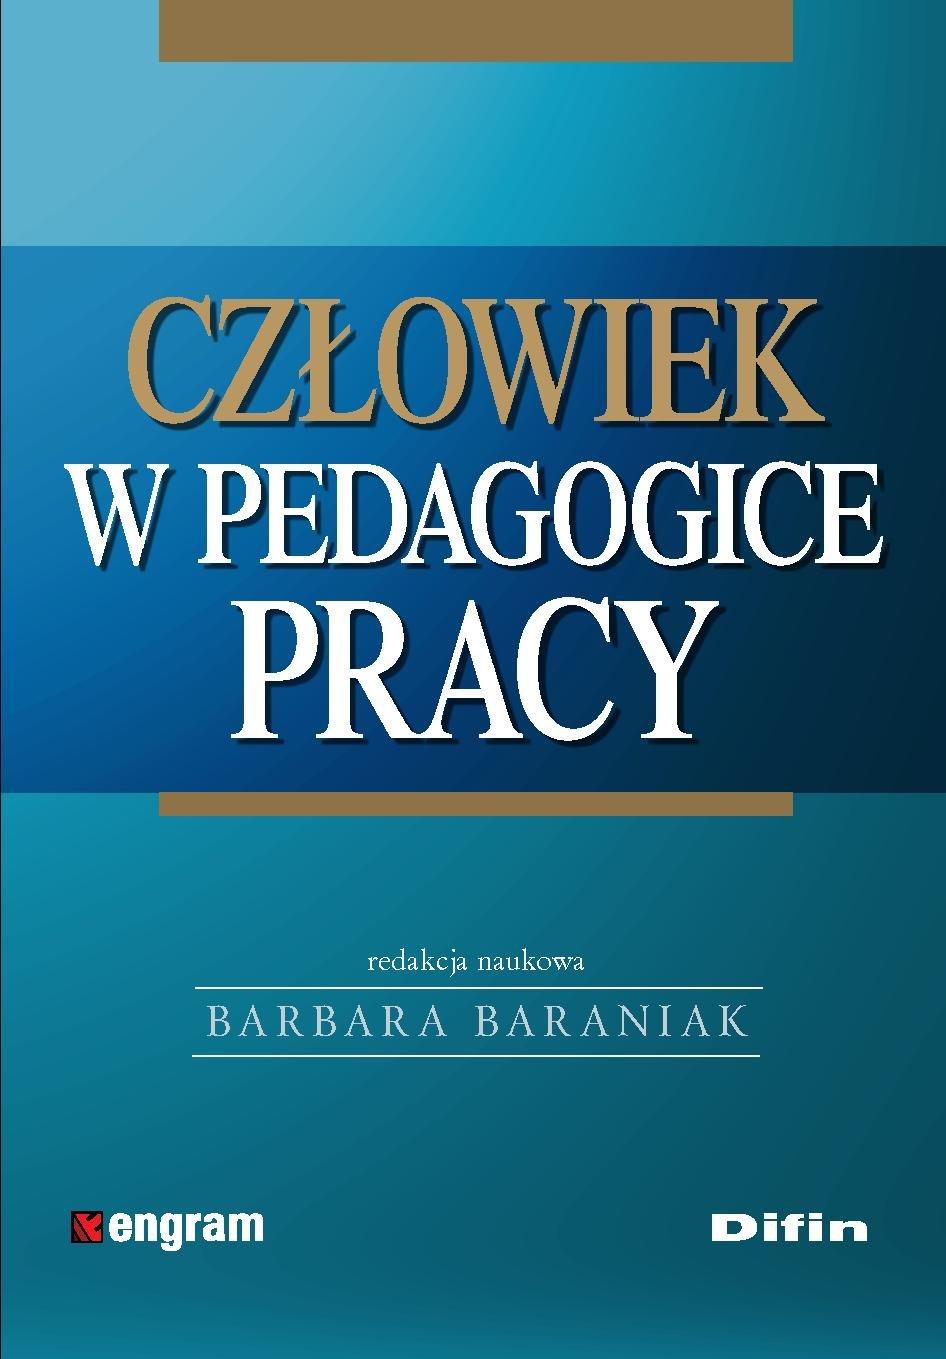 Człowiek w pedagogice pracy - Ebook (Książka PDF) do pobrania w formacie PDF